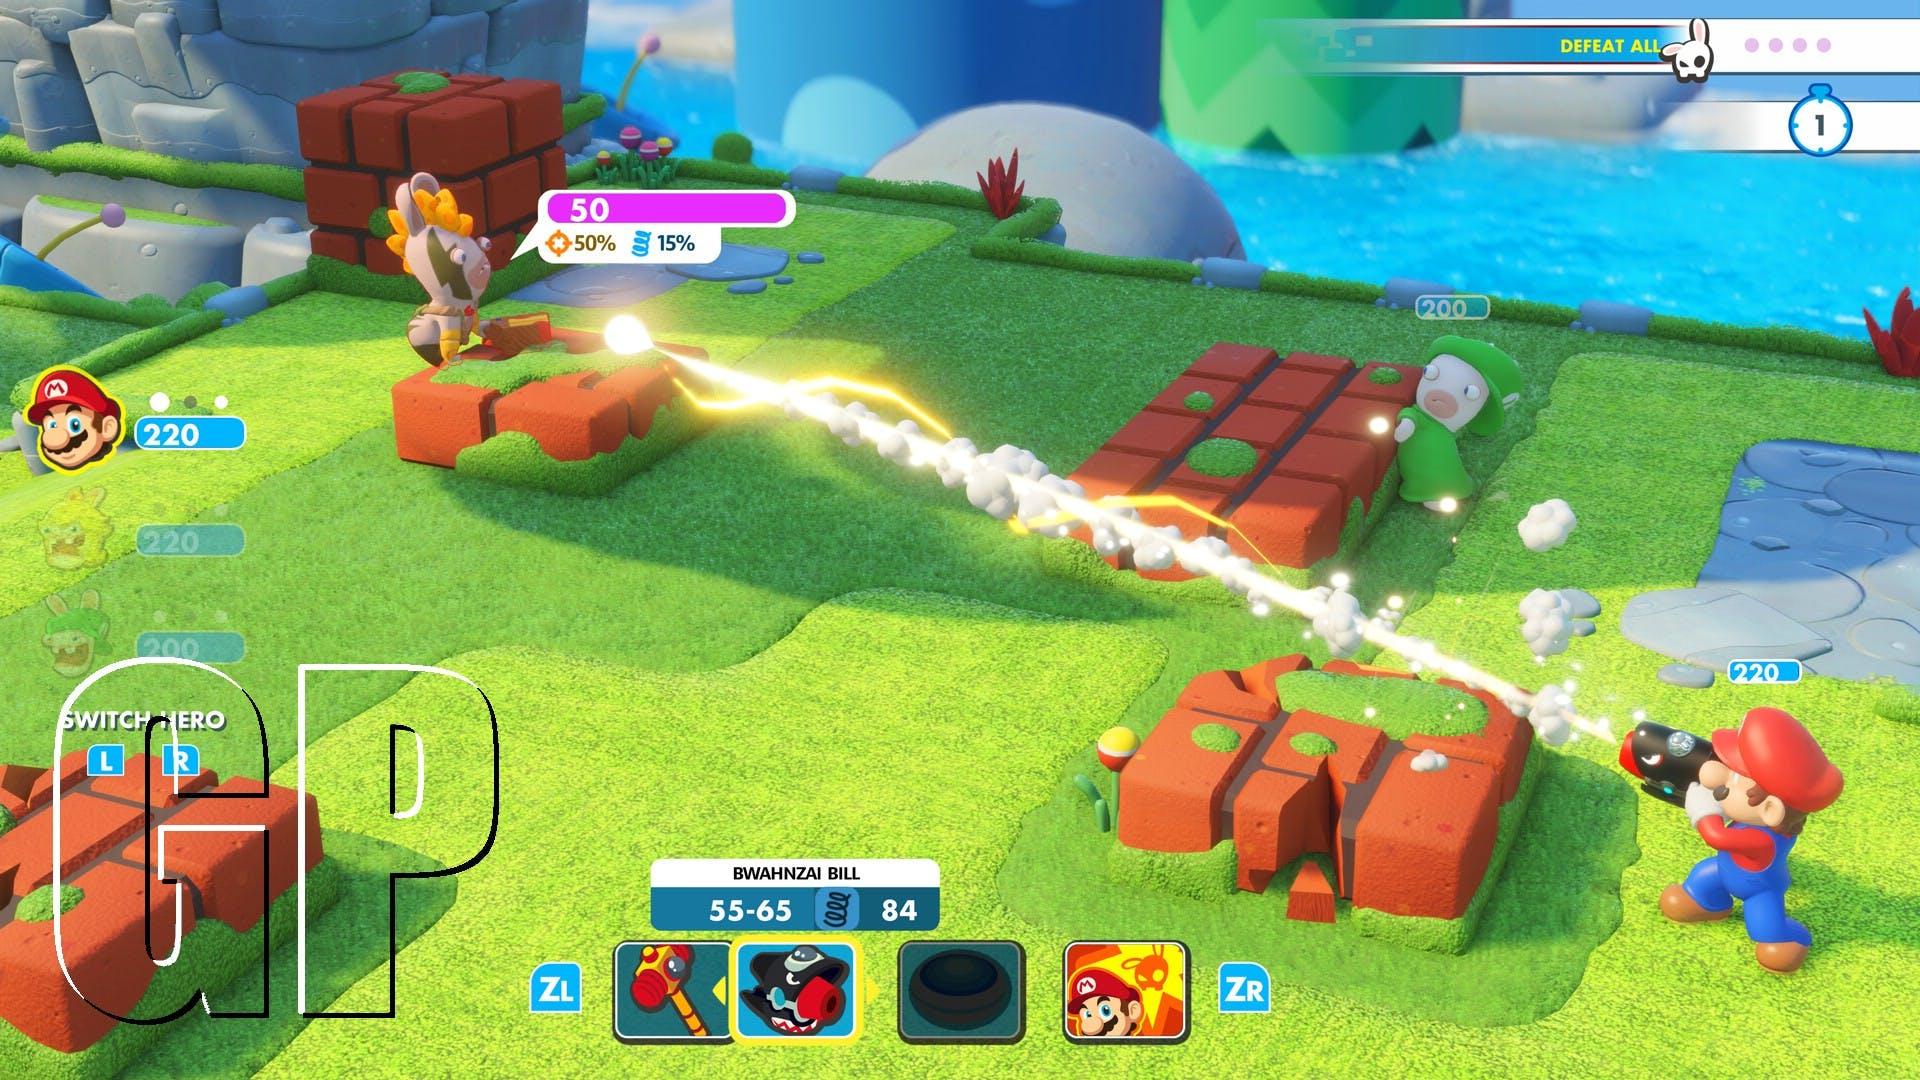 Mario + Rabbids in combat